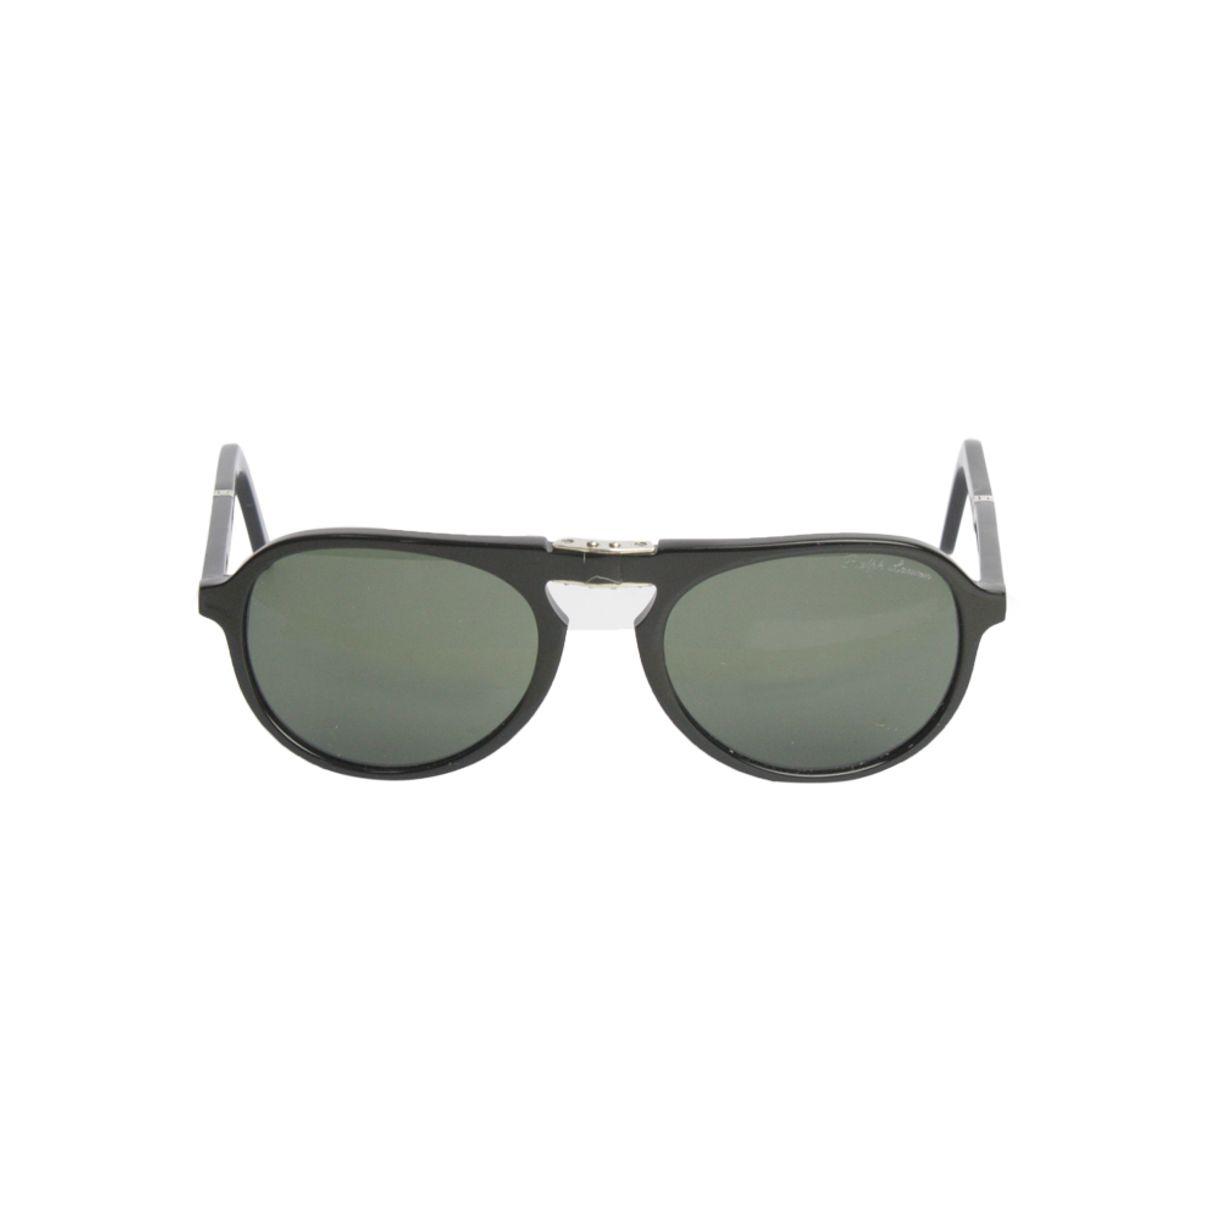 Oculos-Marc-Jacobs-10-S-Rosa